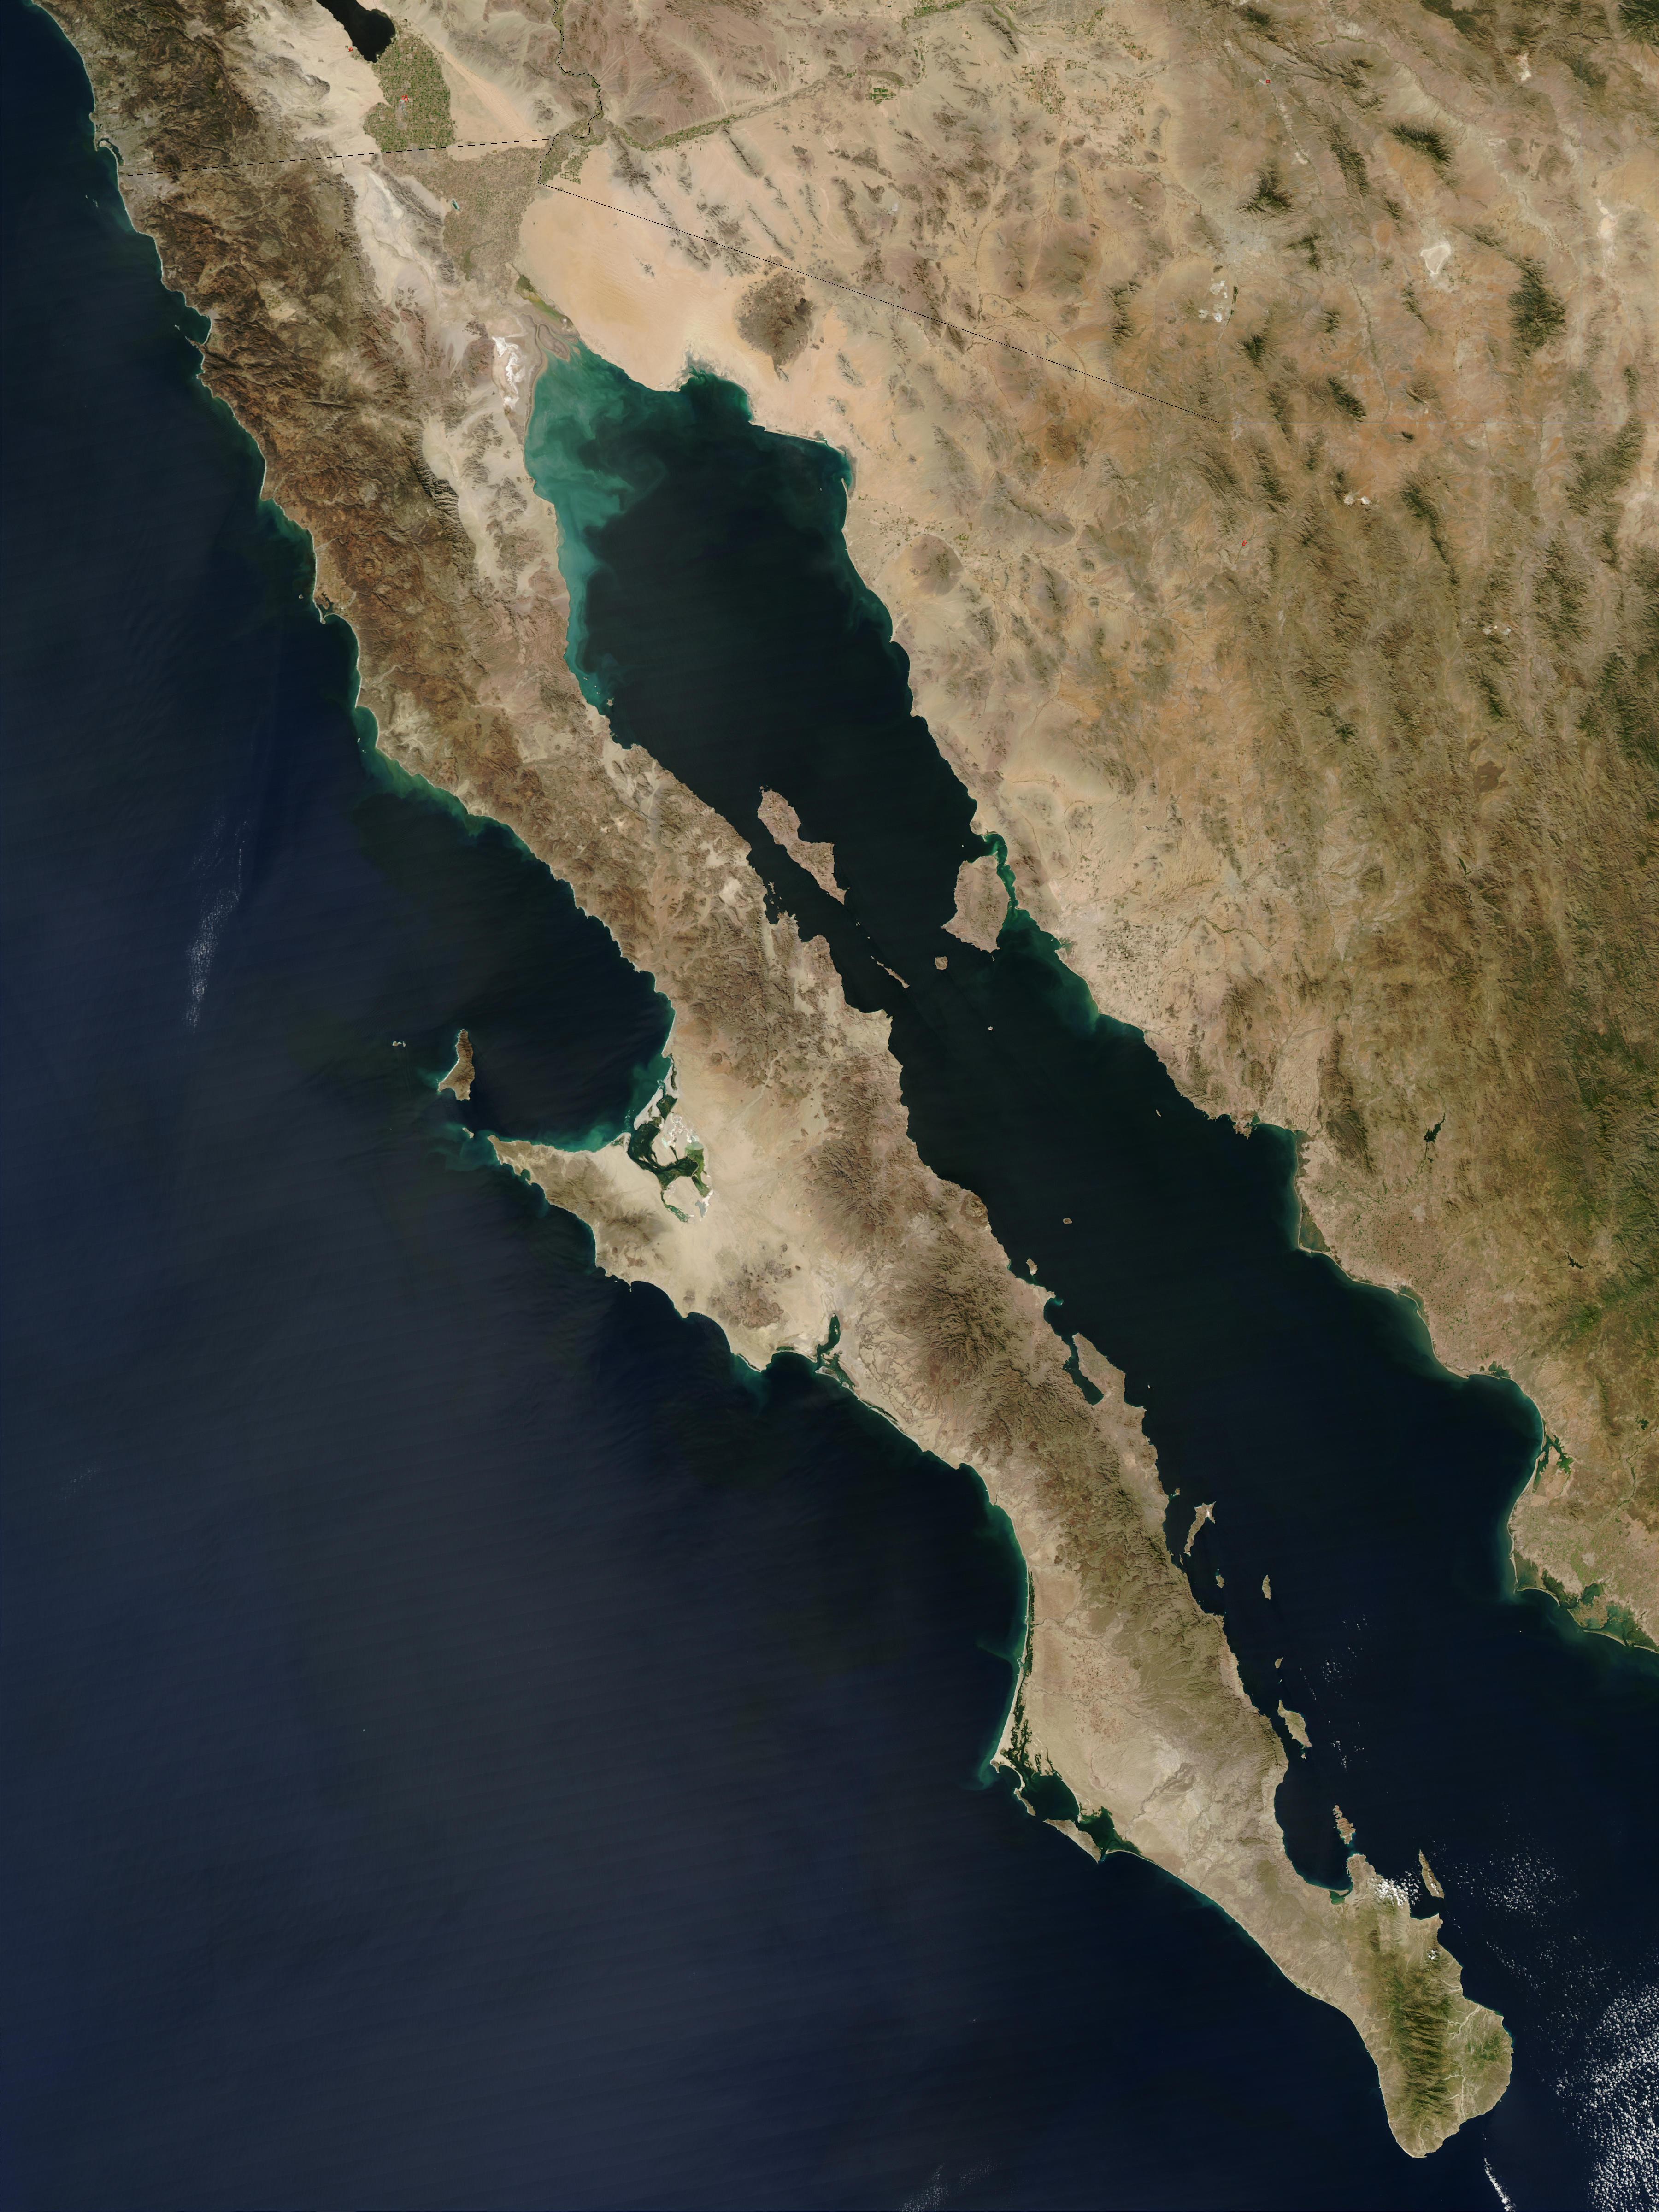 """Kalifornský záliv, alias Cortézovo moře, z větší části obklopuje poušt Sonor a tamní ostrovy jsou unikátní svou ohromnou biologickou diverzitou. Proto je v UNESCO v roce 2005 zařadilo na seznam světového dědictví jako """"Ostrovy a chráněná území Kalifo"""